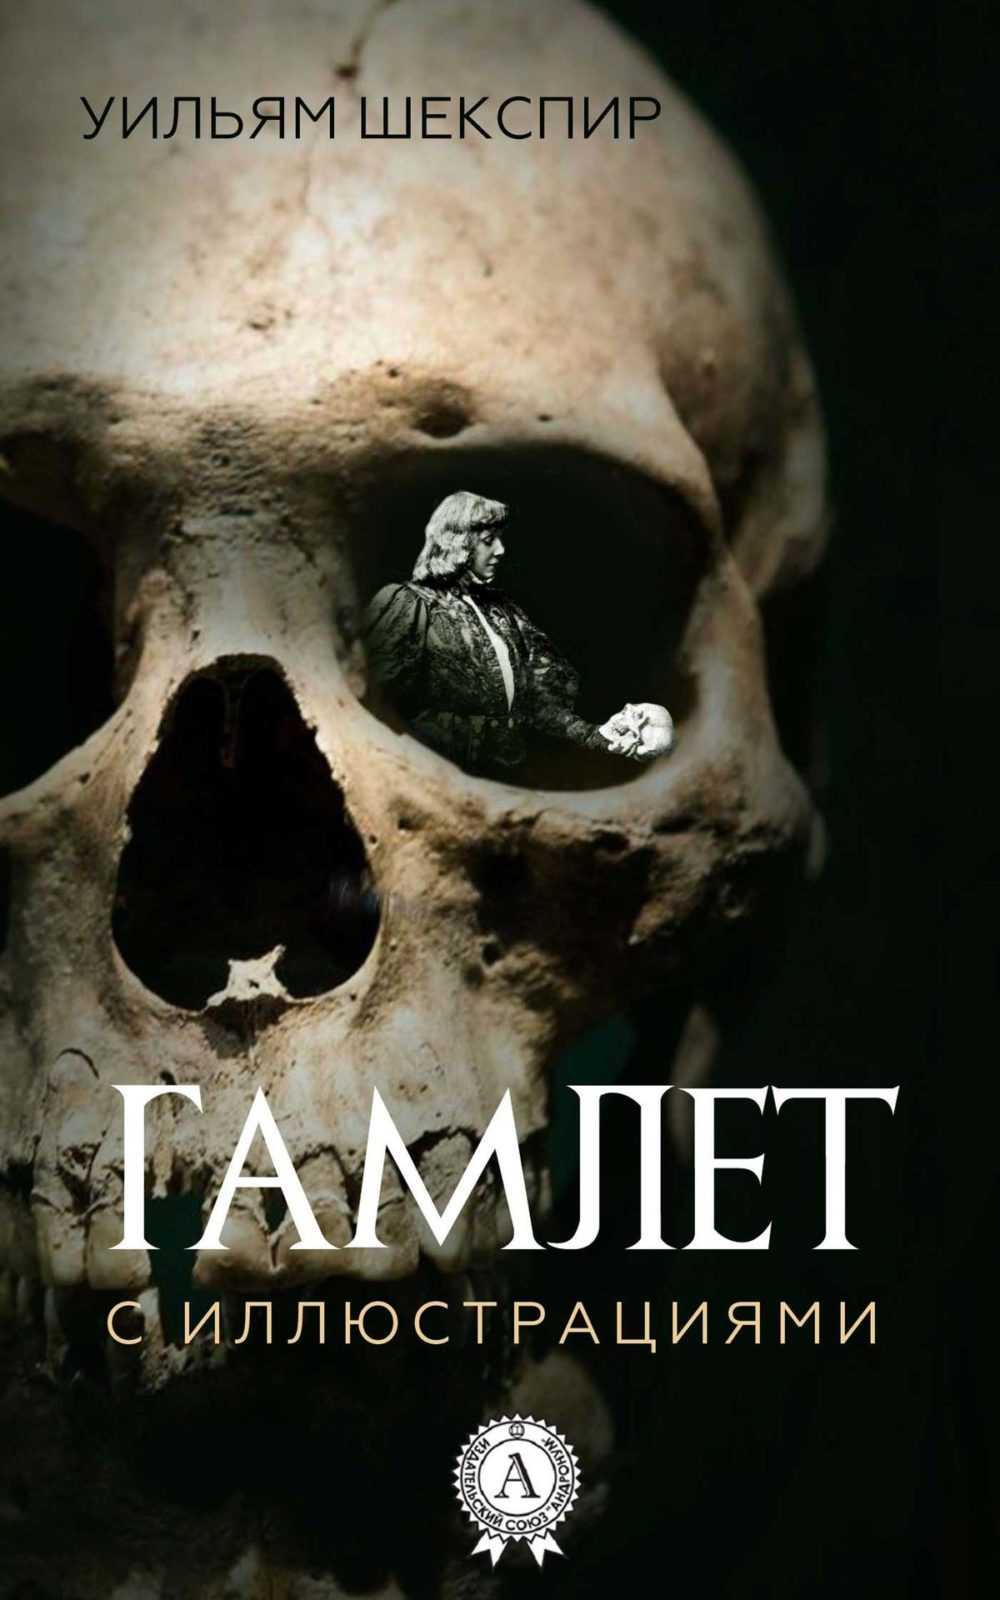 с иллюстрациями - Трагедия о Гамлете, принце Датском, Л.С. Выготского